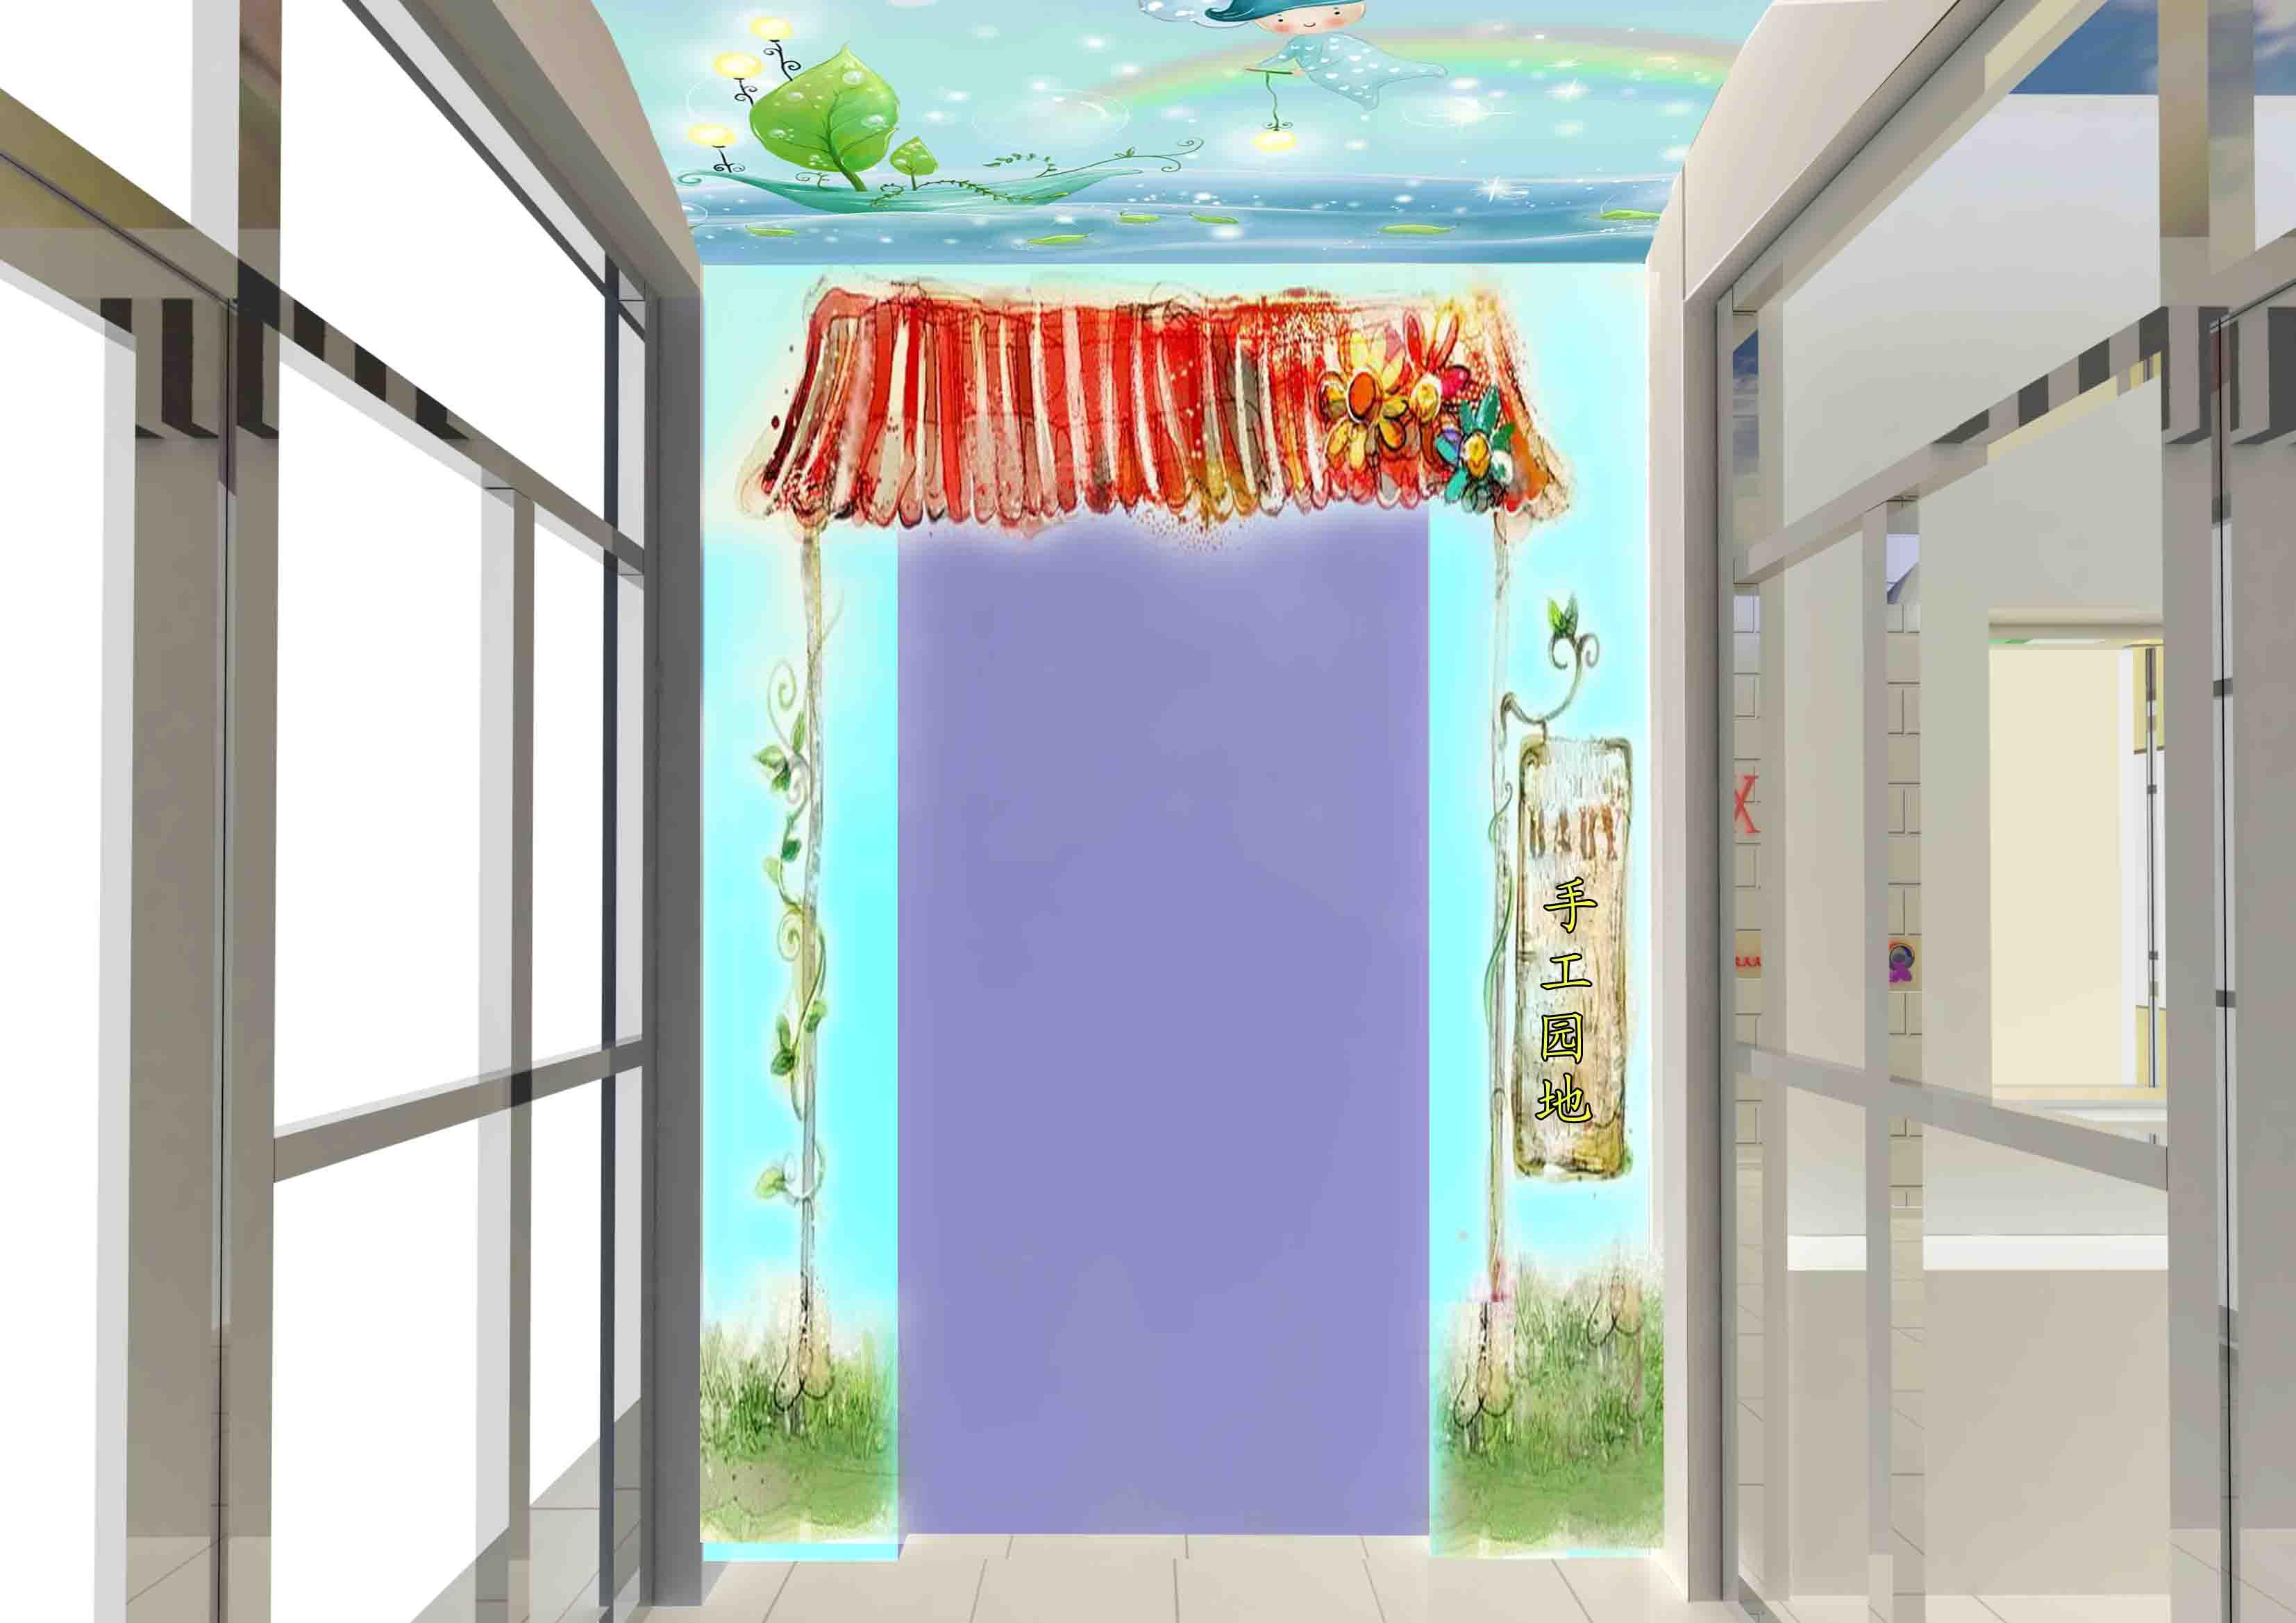 幼儿园门厅设计_1000元_k68威客任务